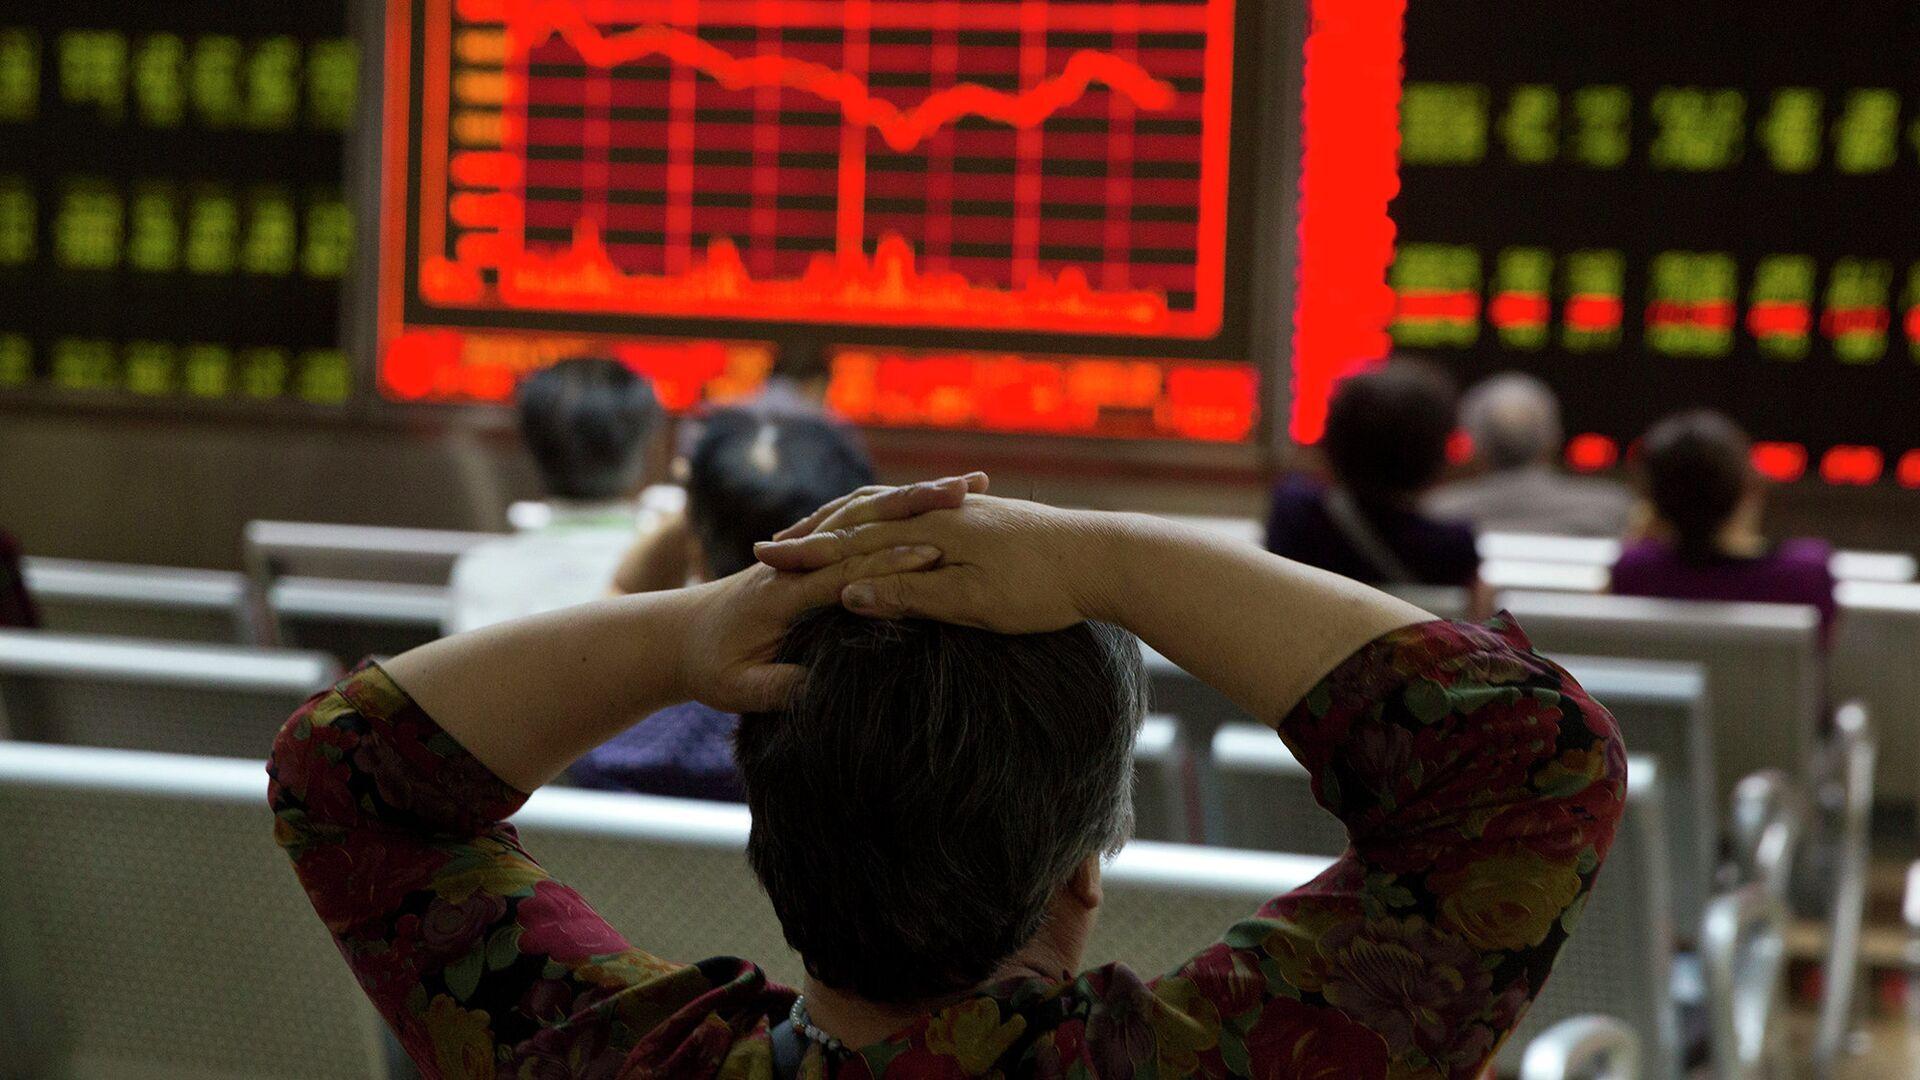 Цены на акции в Пекине. Август 2015 - РИА Новости, 1920, 22.09.2021